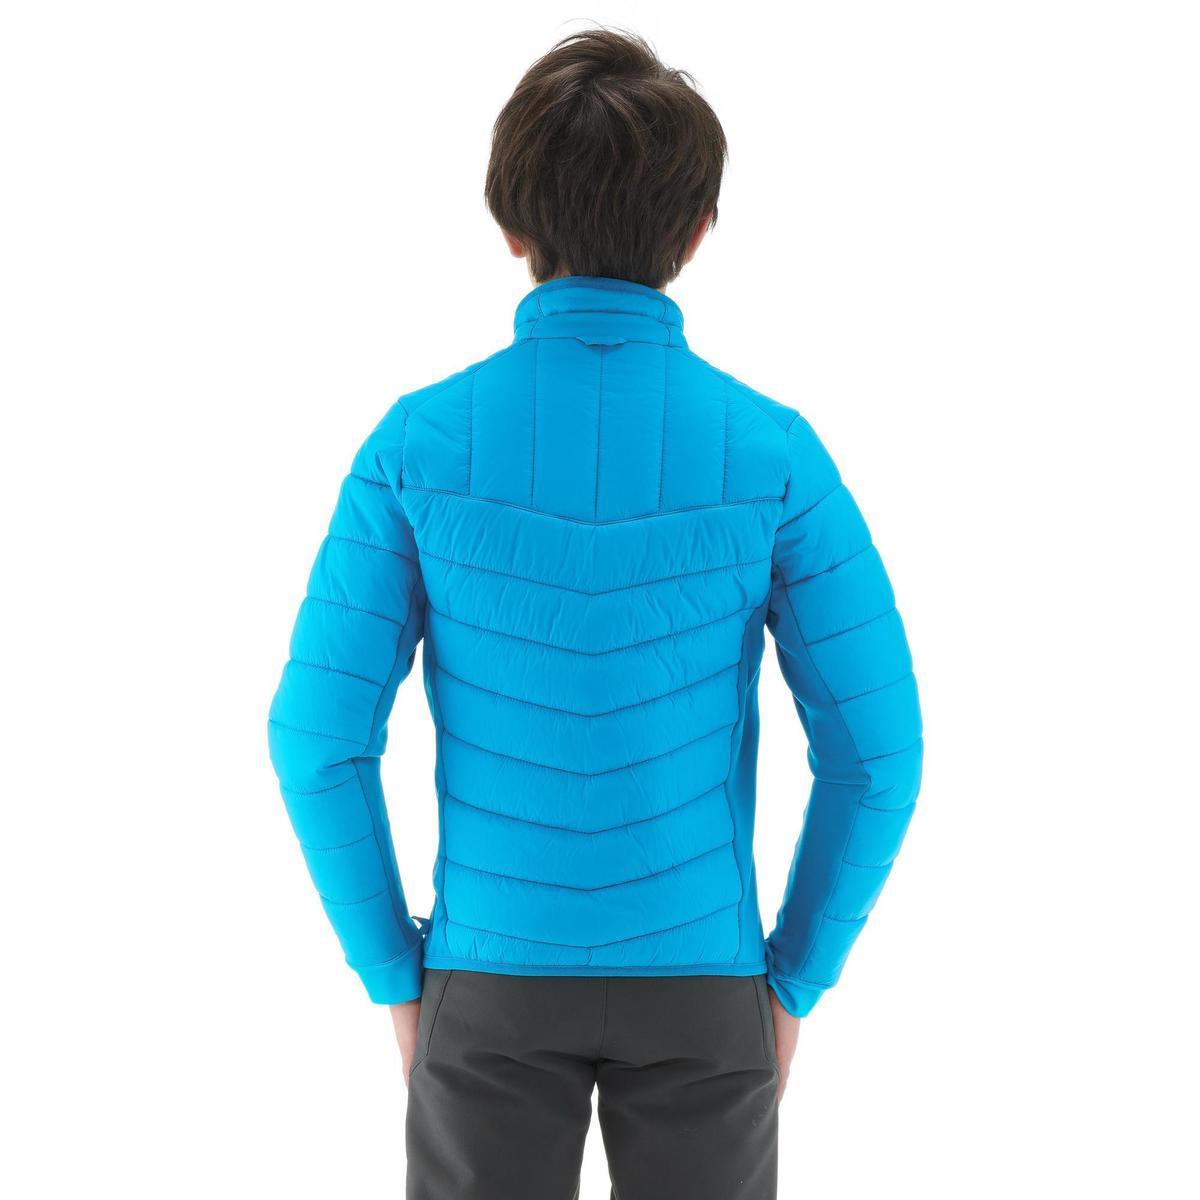 Bild 4 von Hybridjacke Winterwandern SH500 X-Warm Kinder blau